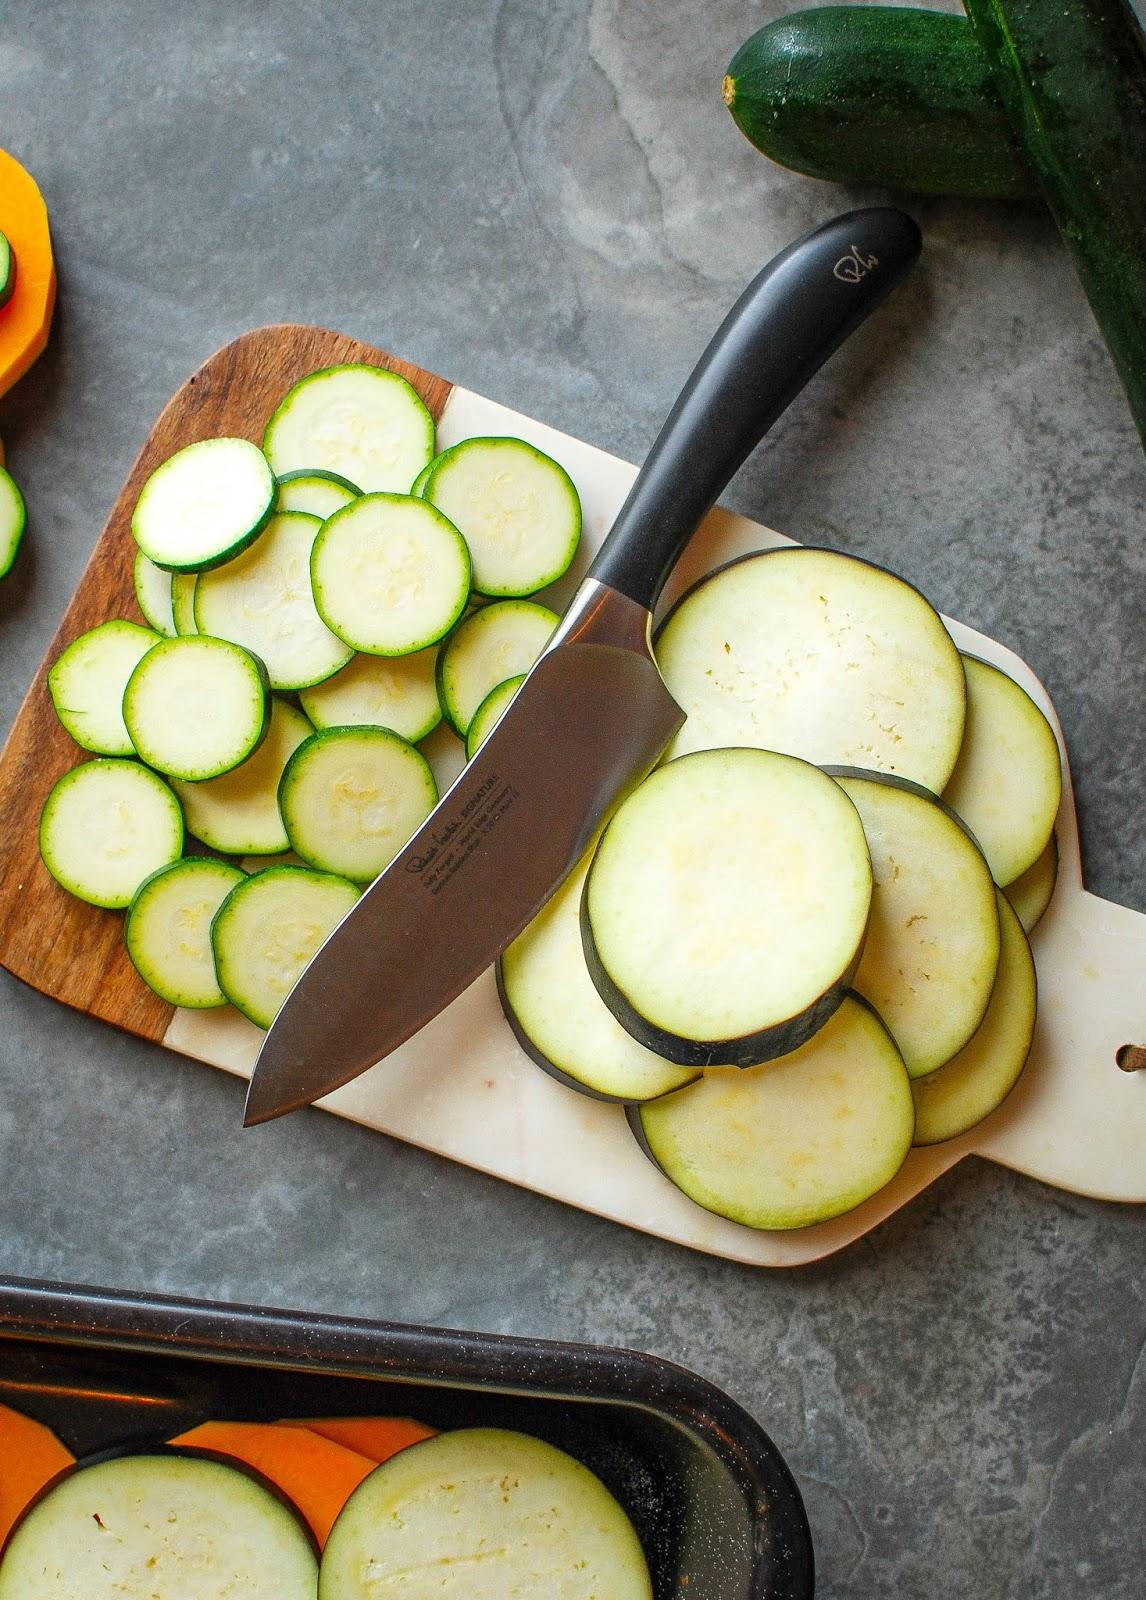 Santoku Knife vs Cook's Knife, which do you prefer?